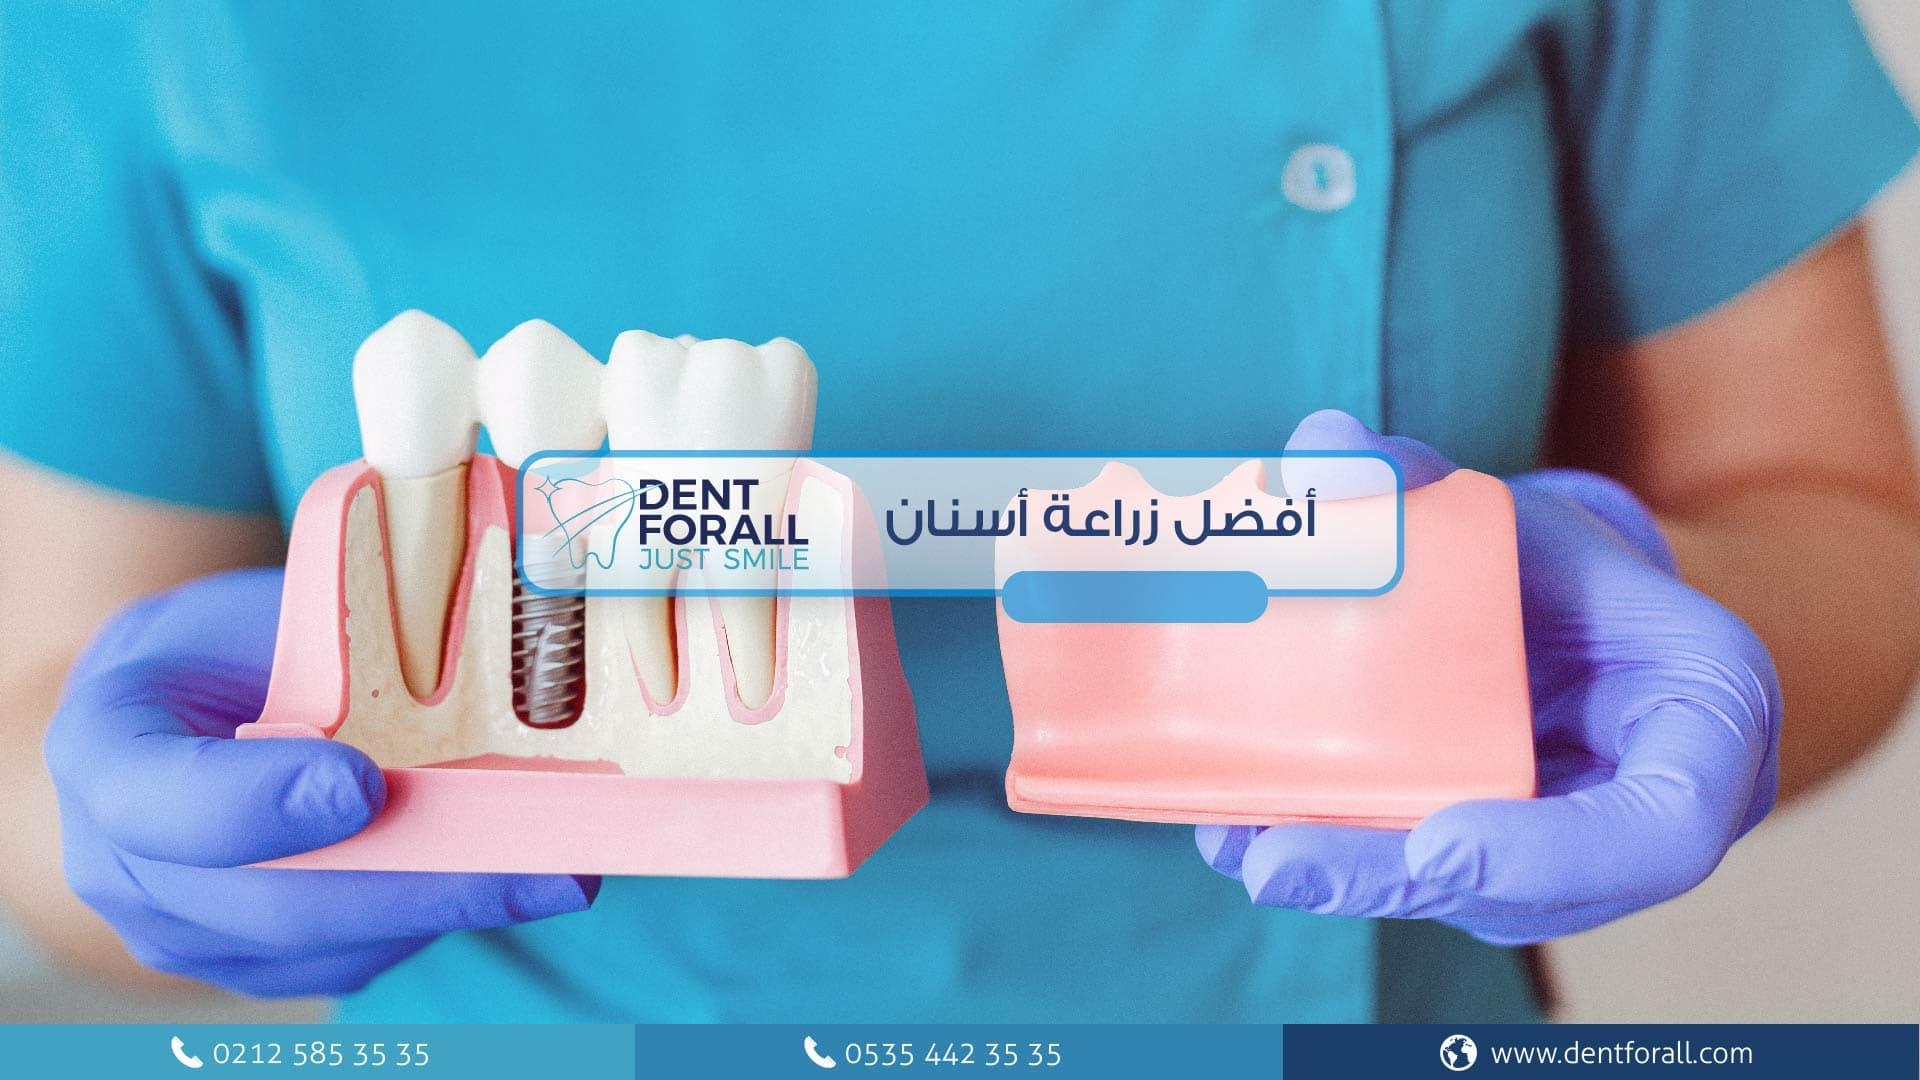 ما هي زراعة الأسنان ومتى يمكن زرعها وما هي مراحل زراعة الاسنان وماذا تحتوي زراعة الاسنان؟